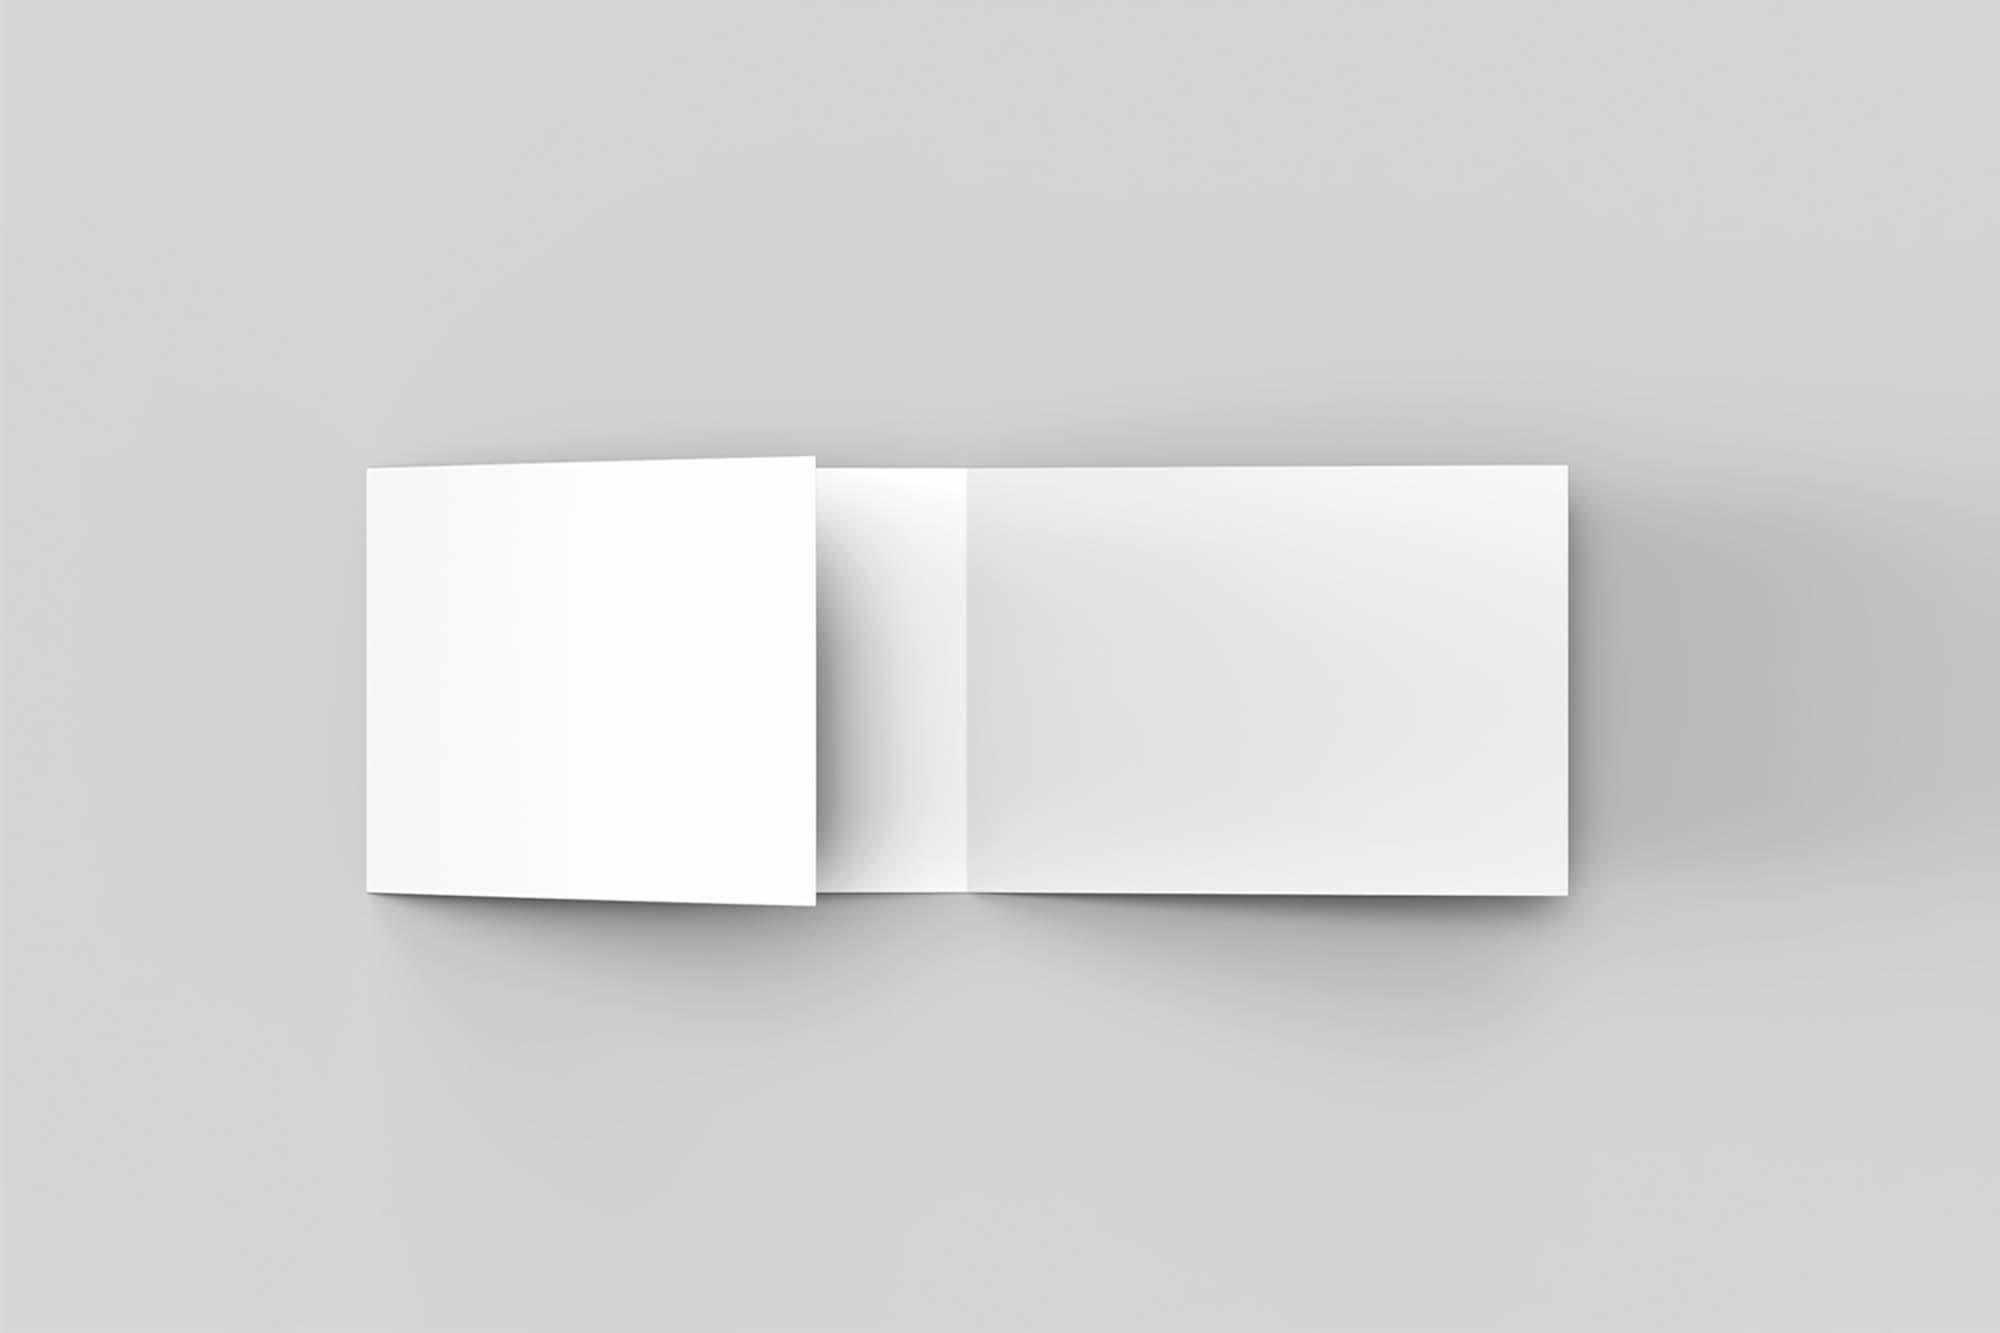 Trifold Landscape Brochure Mockup 2